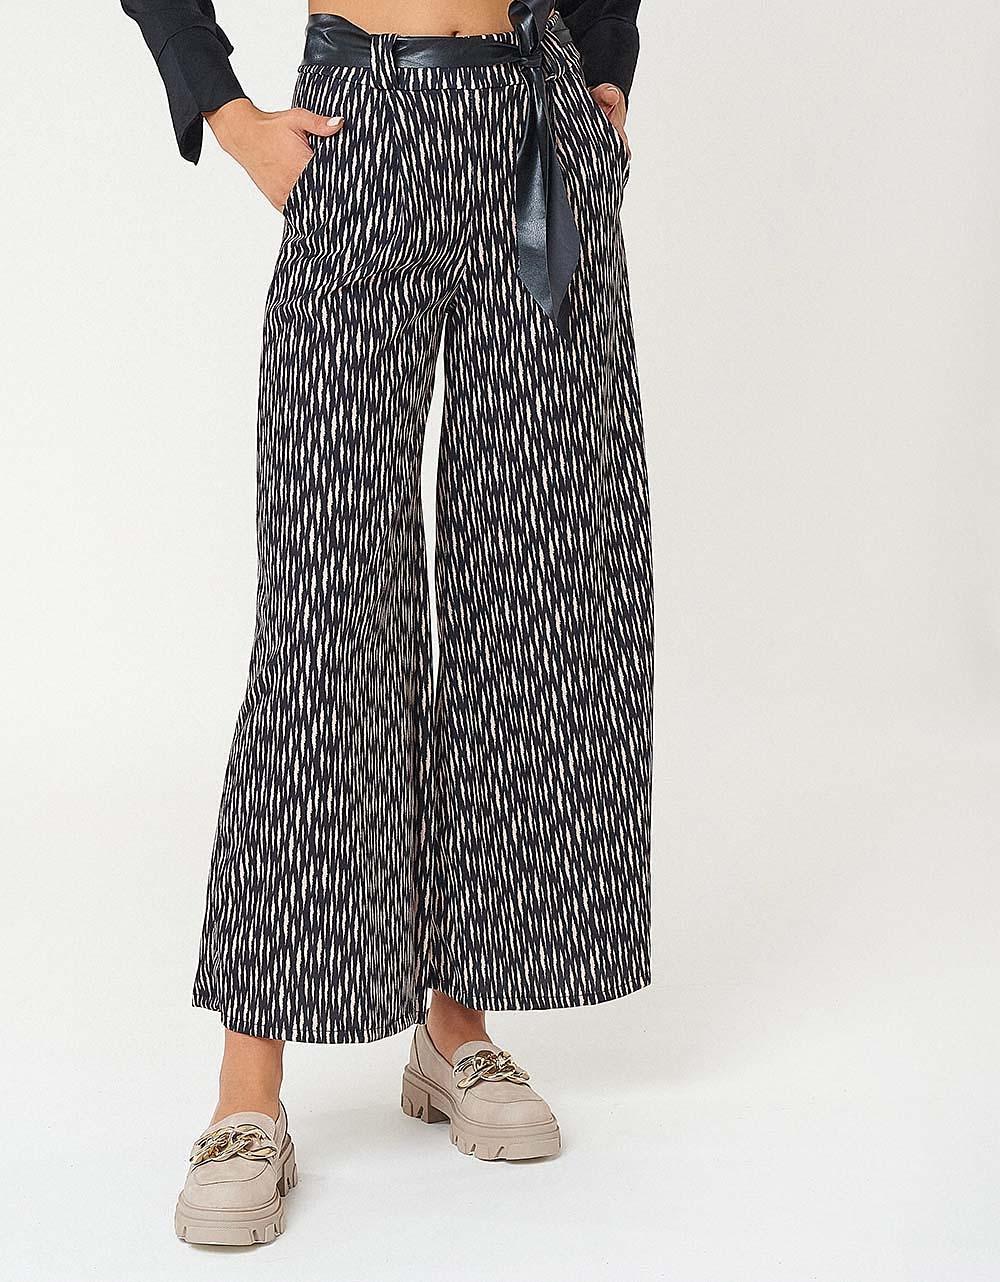 Εικόνα από Γυναικείο παντελόνι wide leg με ζωνάκι Μαύρο/Μπεζ